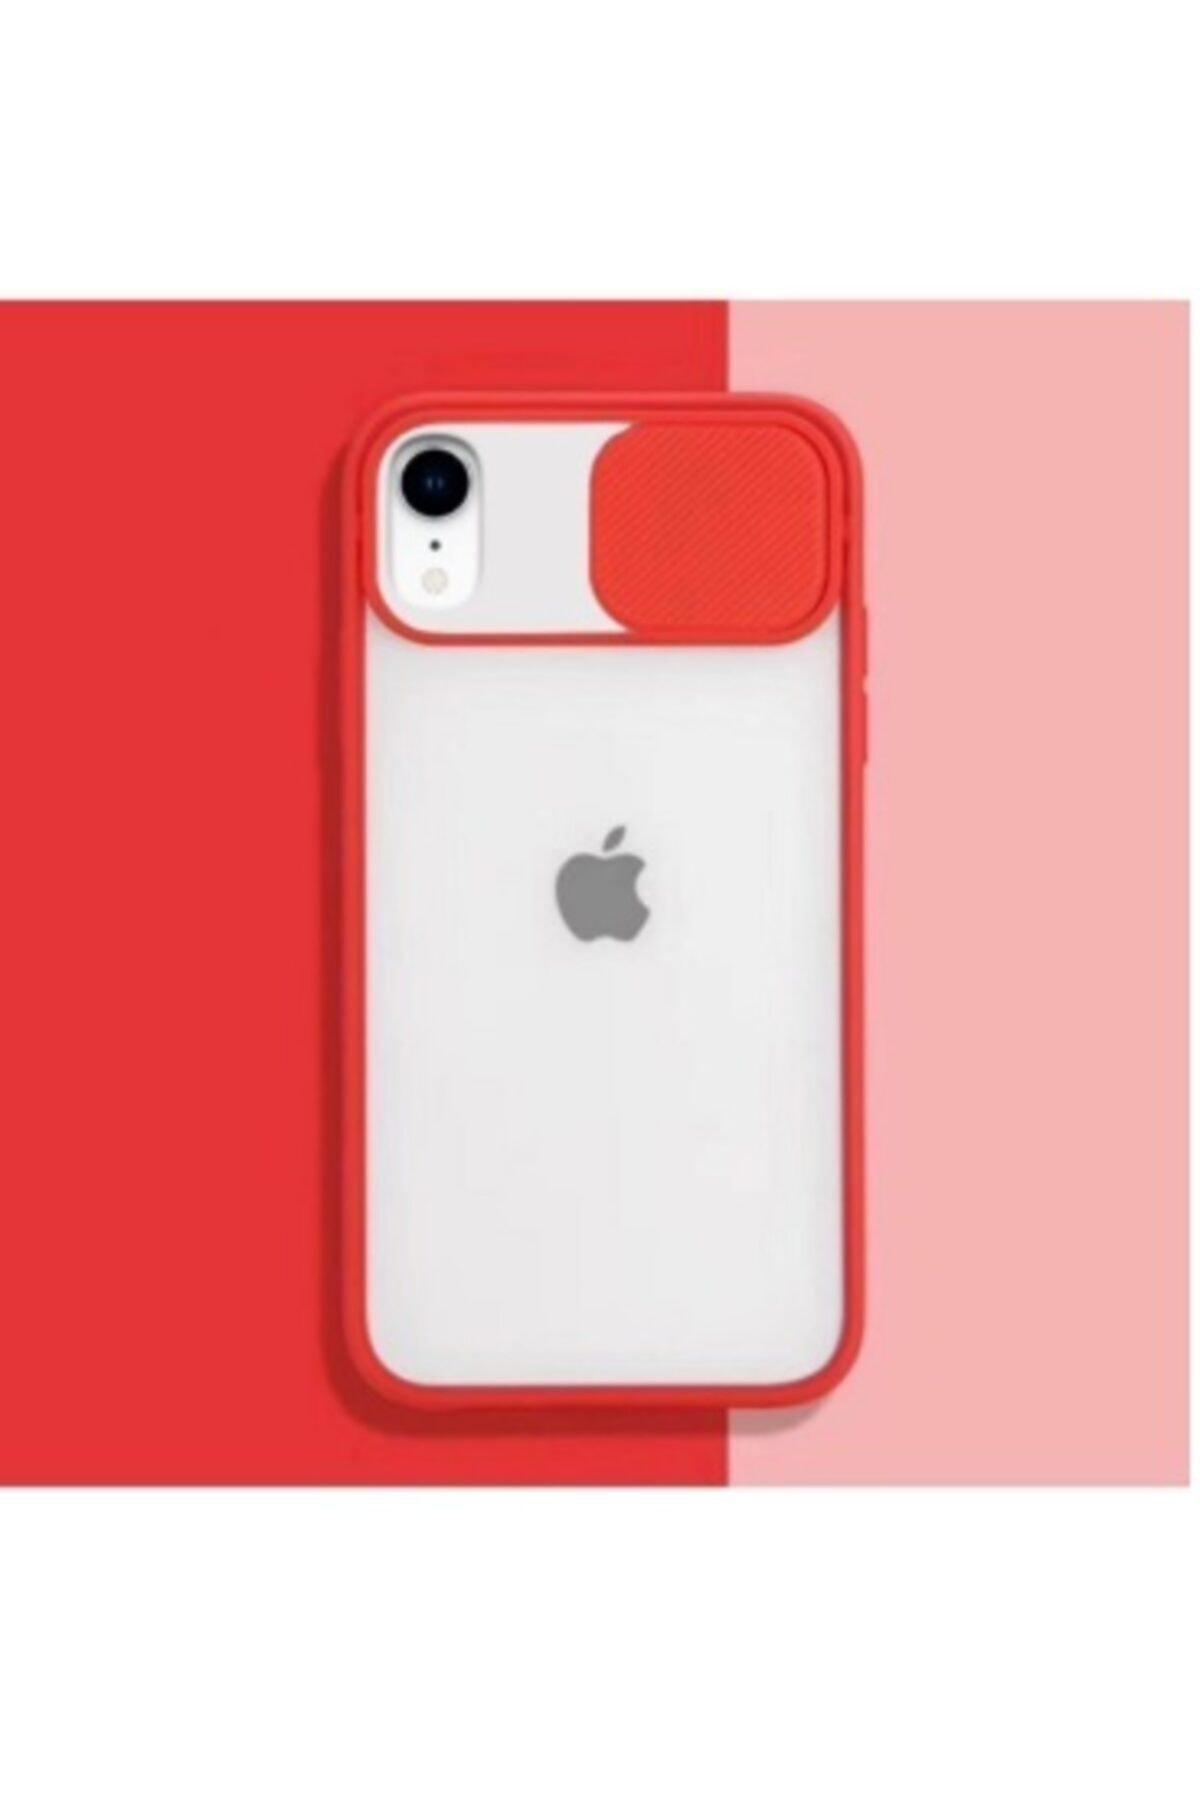 Iphone Xr Uyumlu  Kamera Lens Korumalı Sürgülü Kırmızı Kılıf